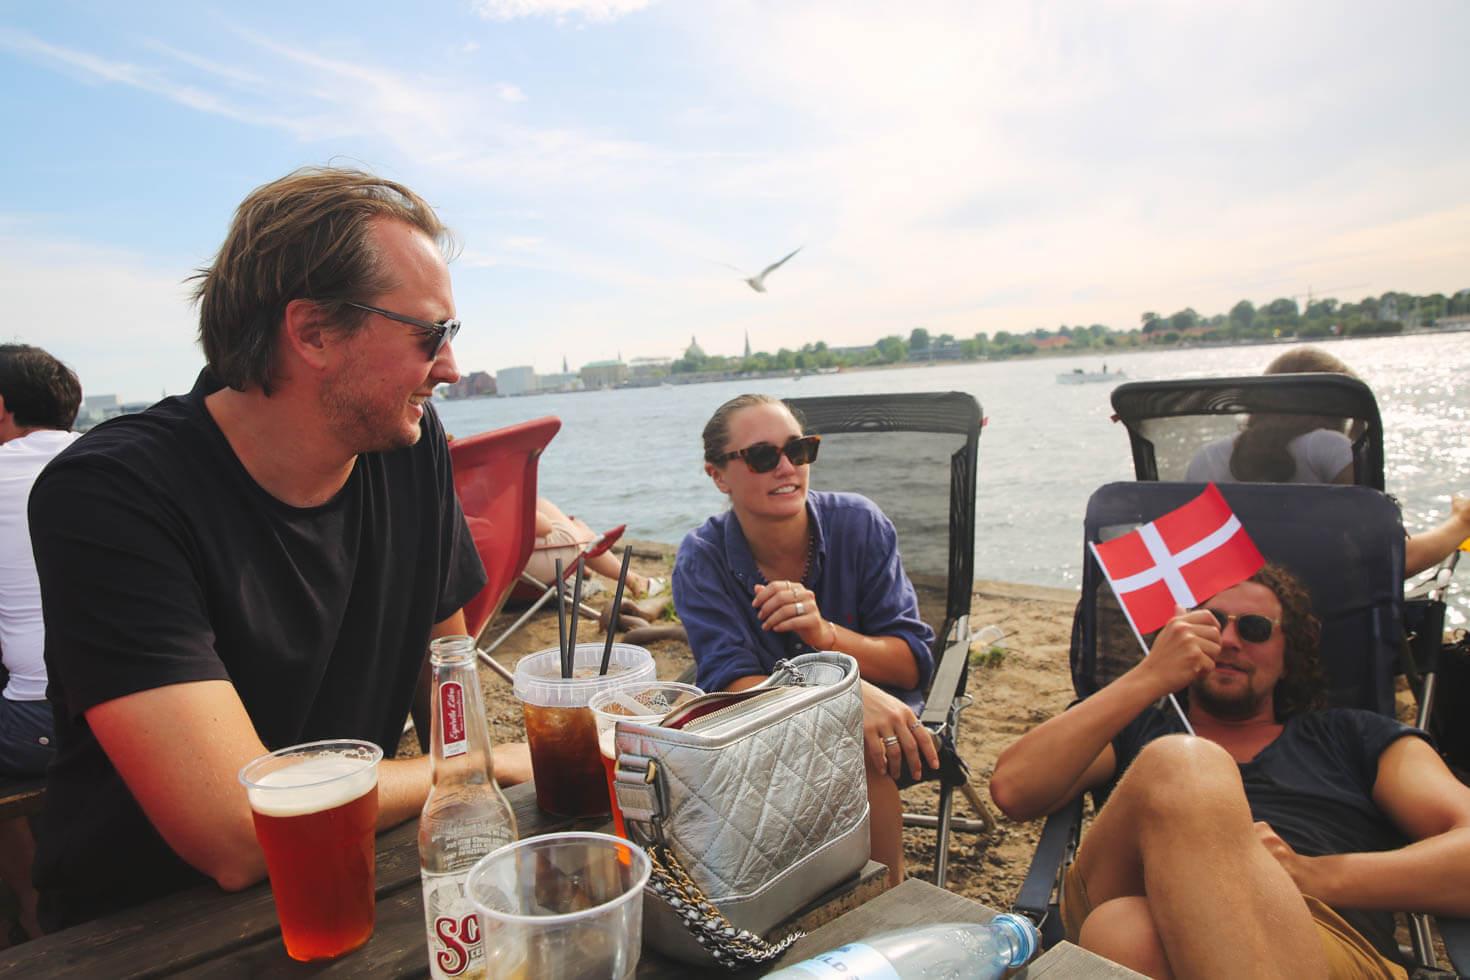 Kopenhamnsguide restauranger, hyra cykel, klubb-23